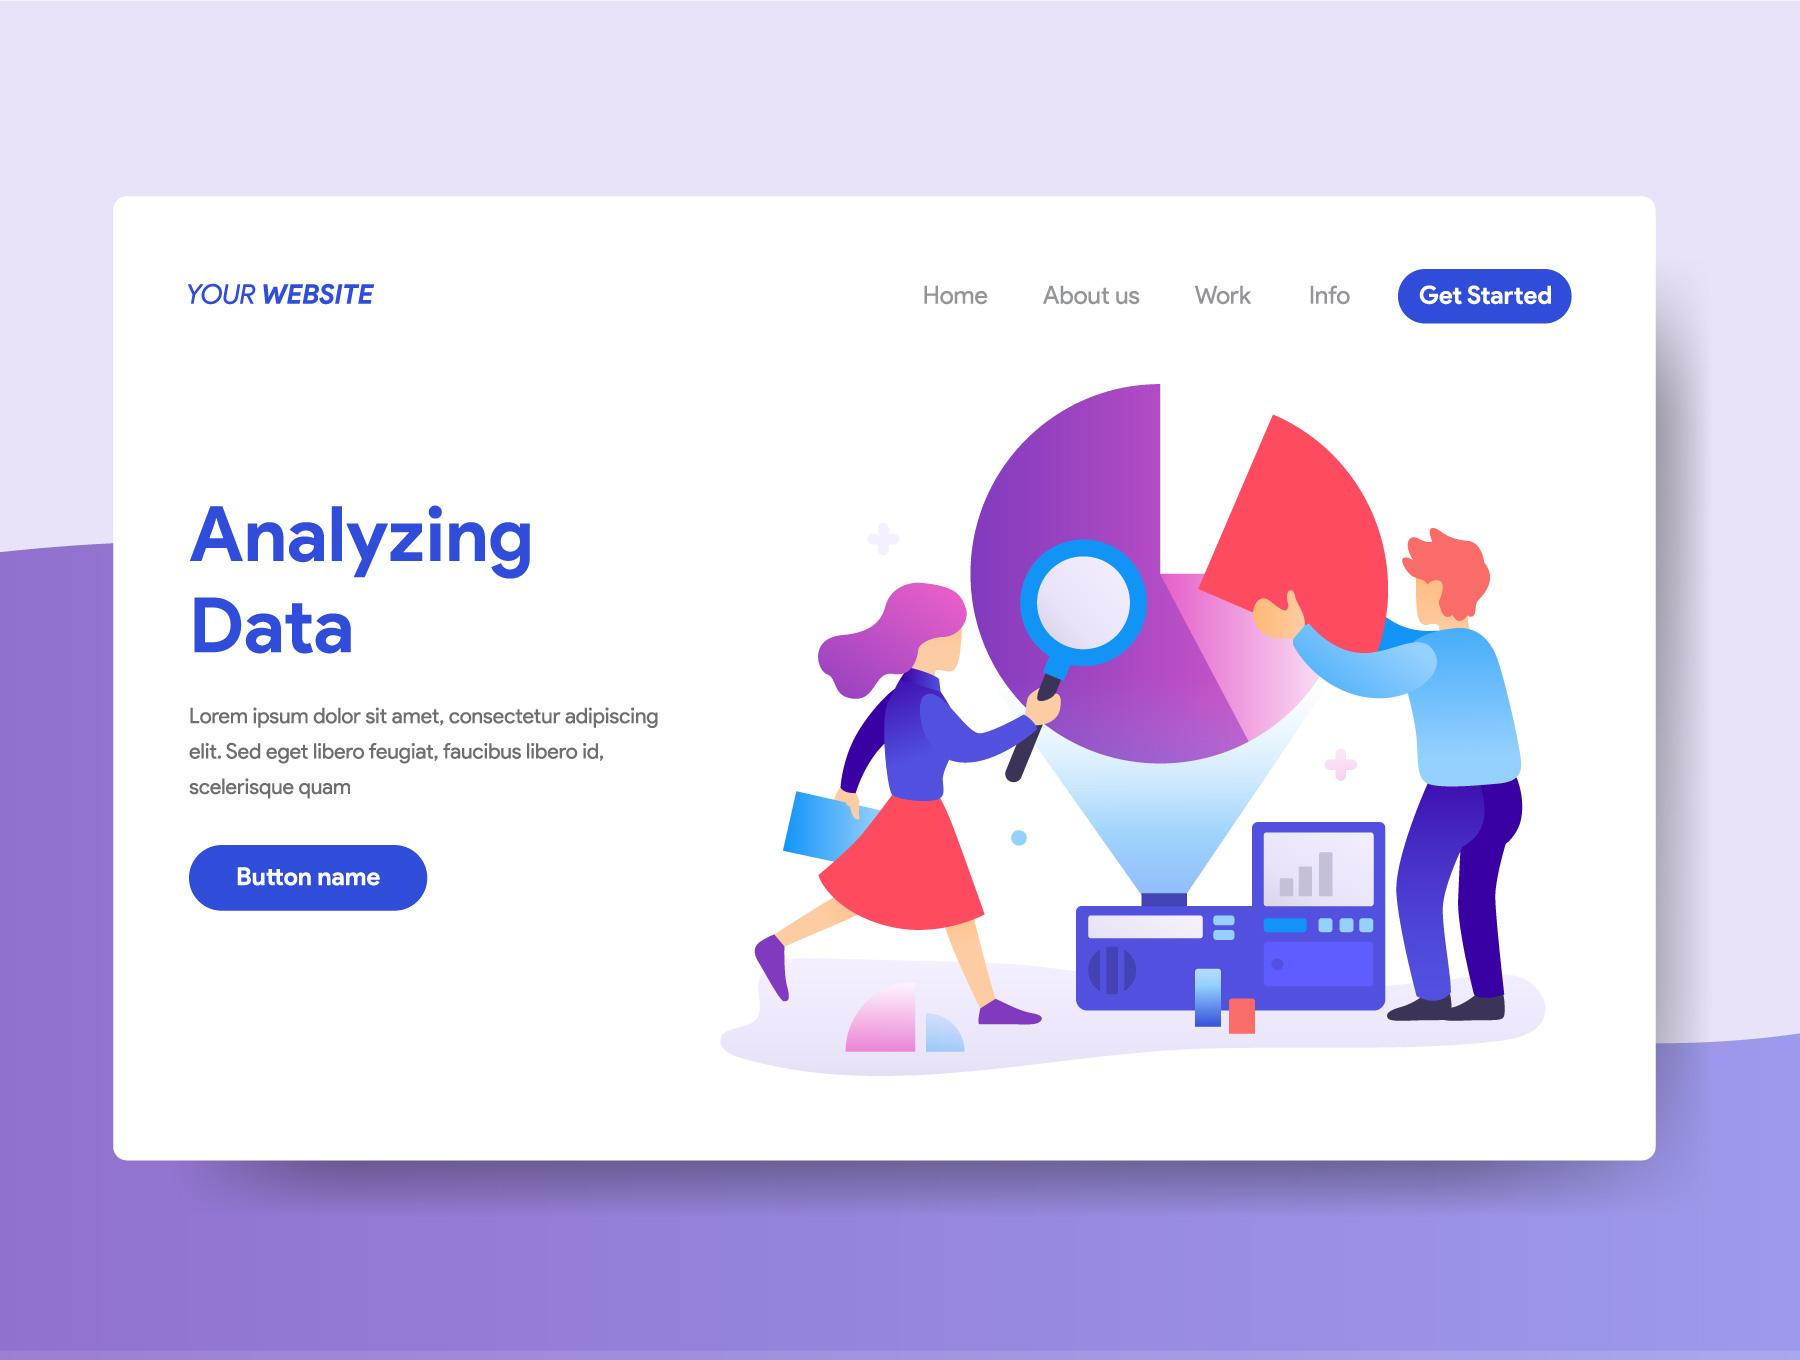 数据统计用户研究相关插画素材下载[Ai]设计素材模板